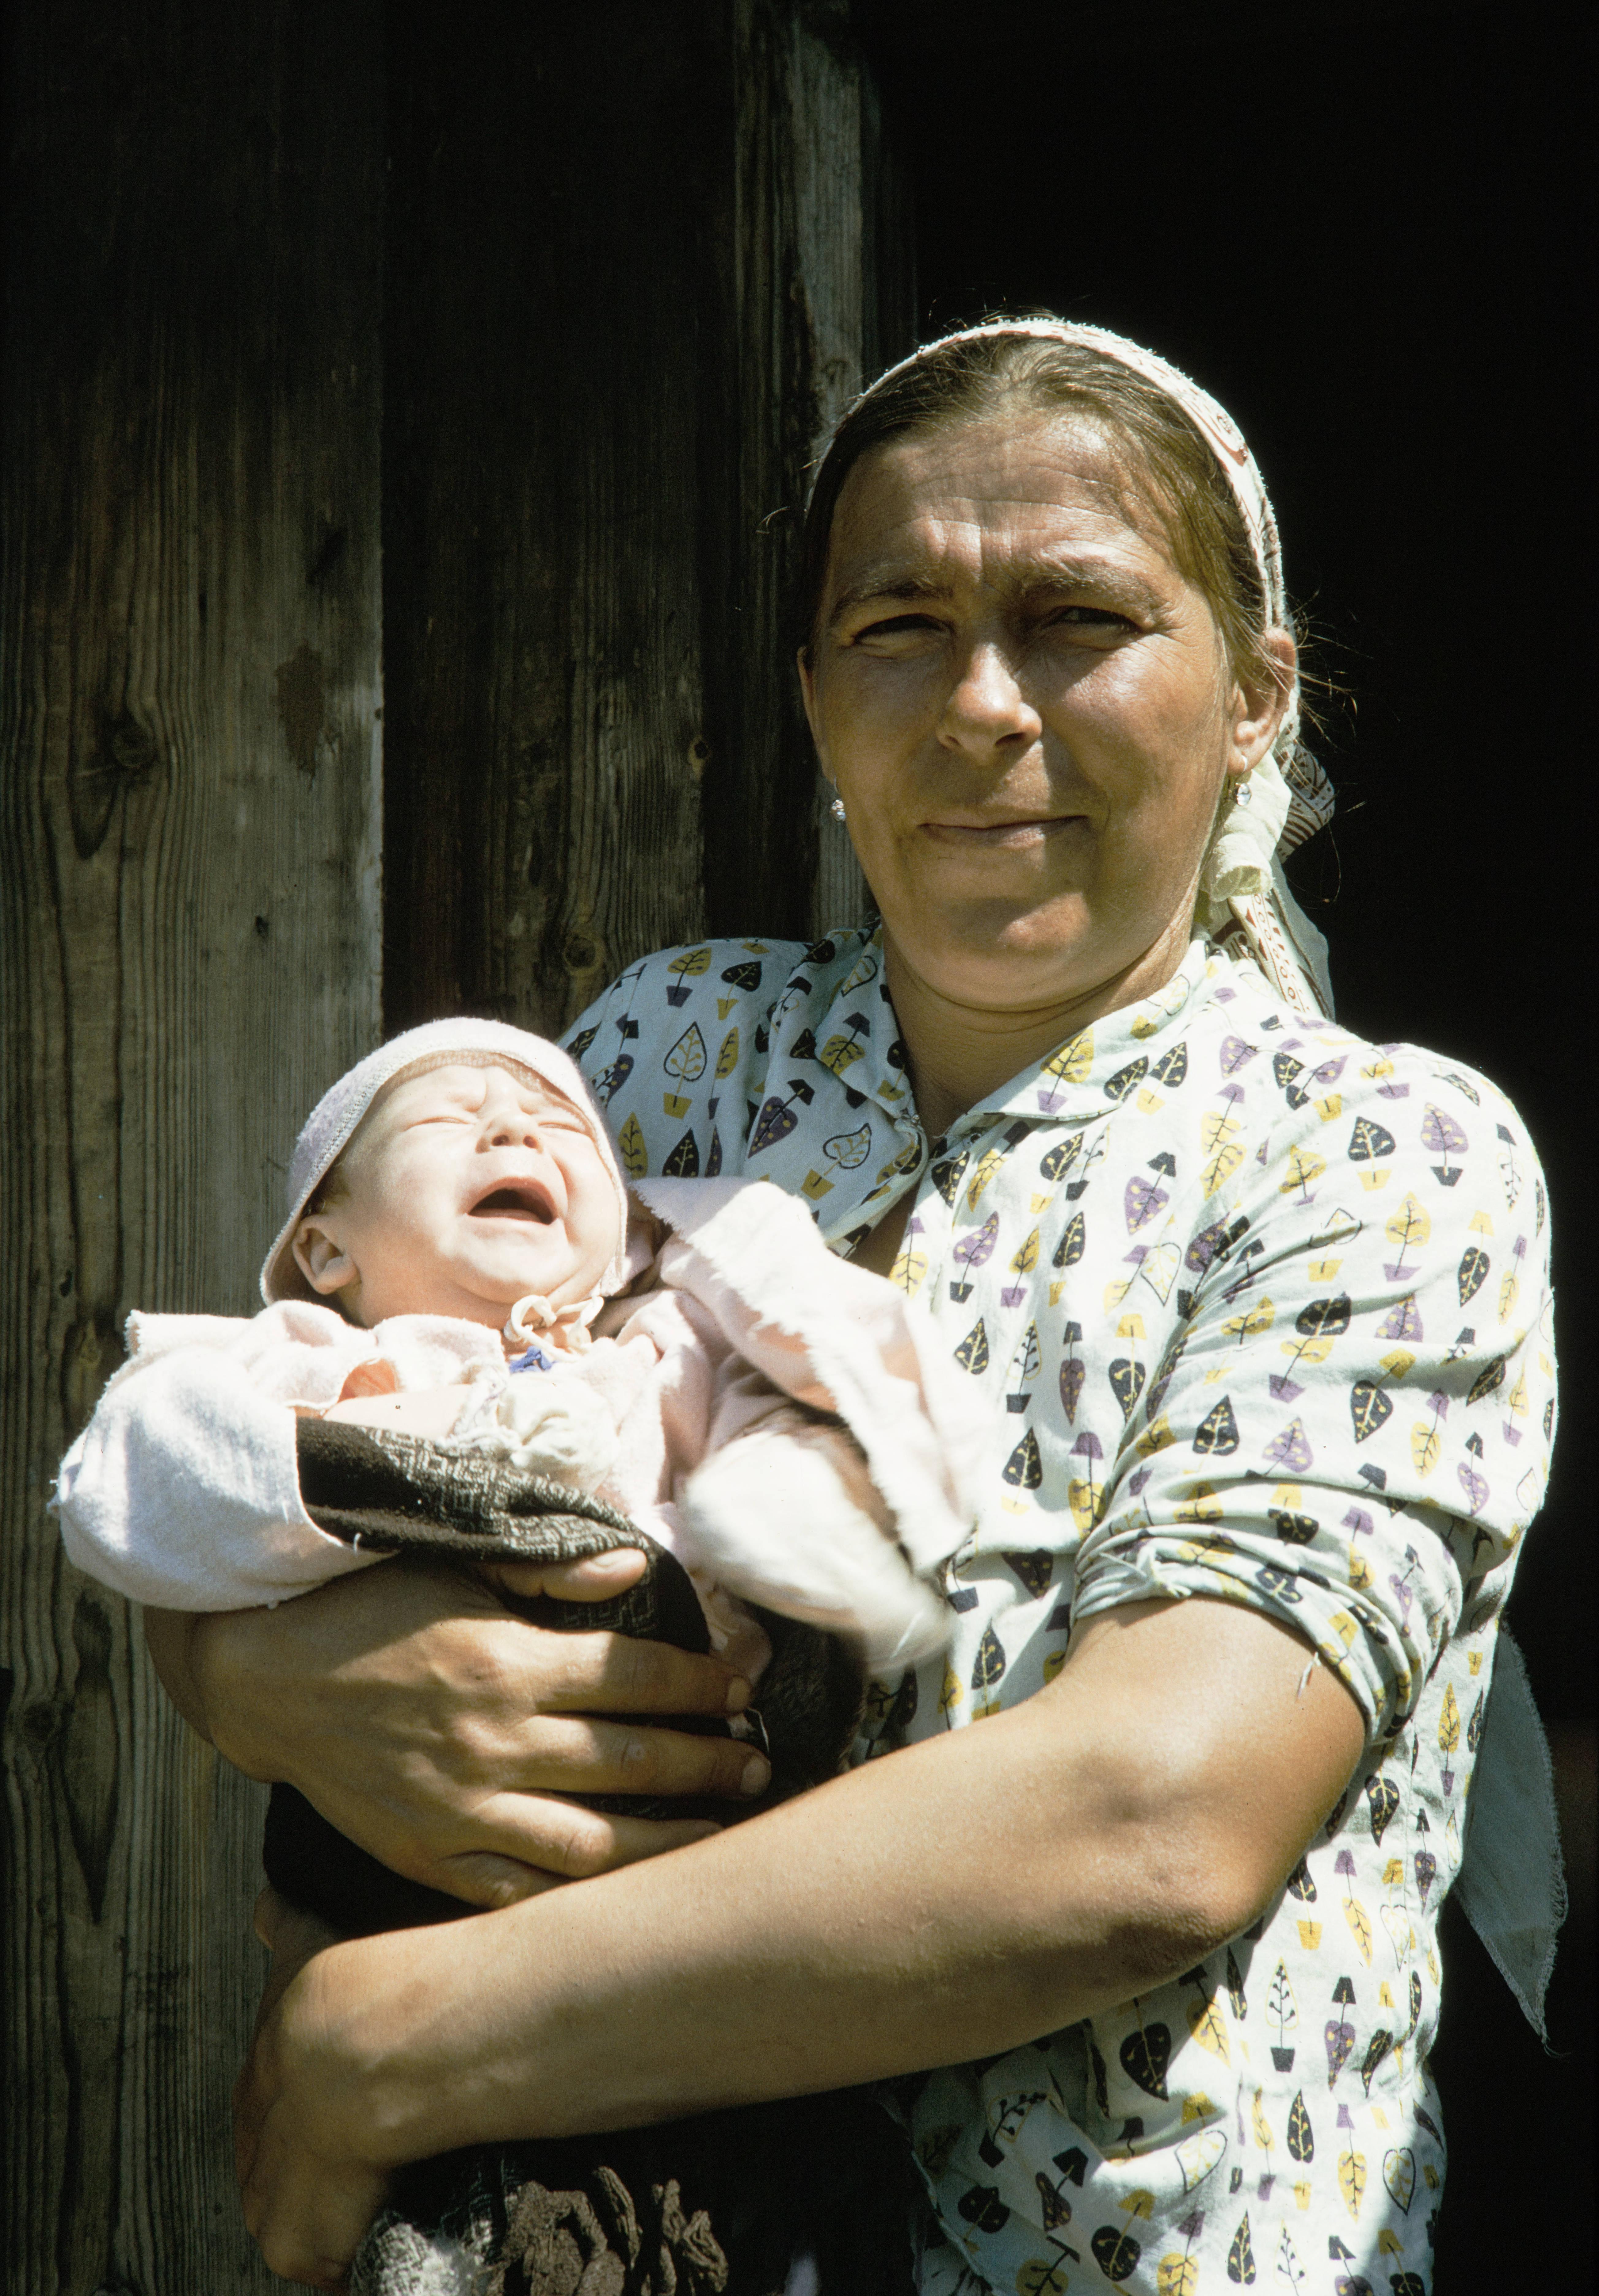 Большая речка. Женщина с ребенком на руках